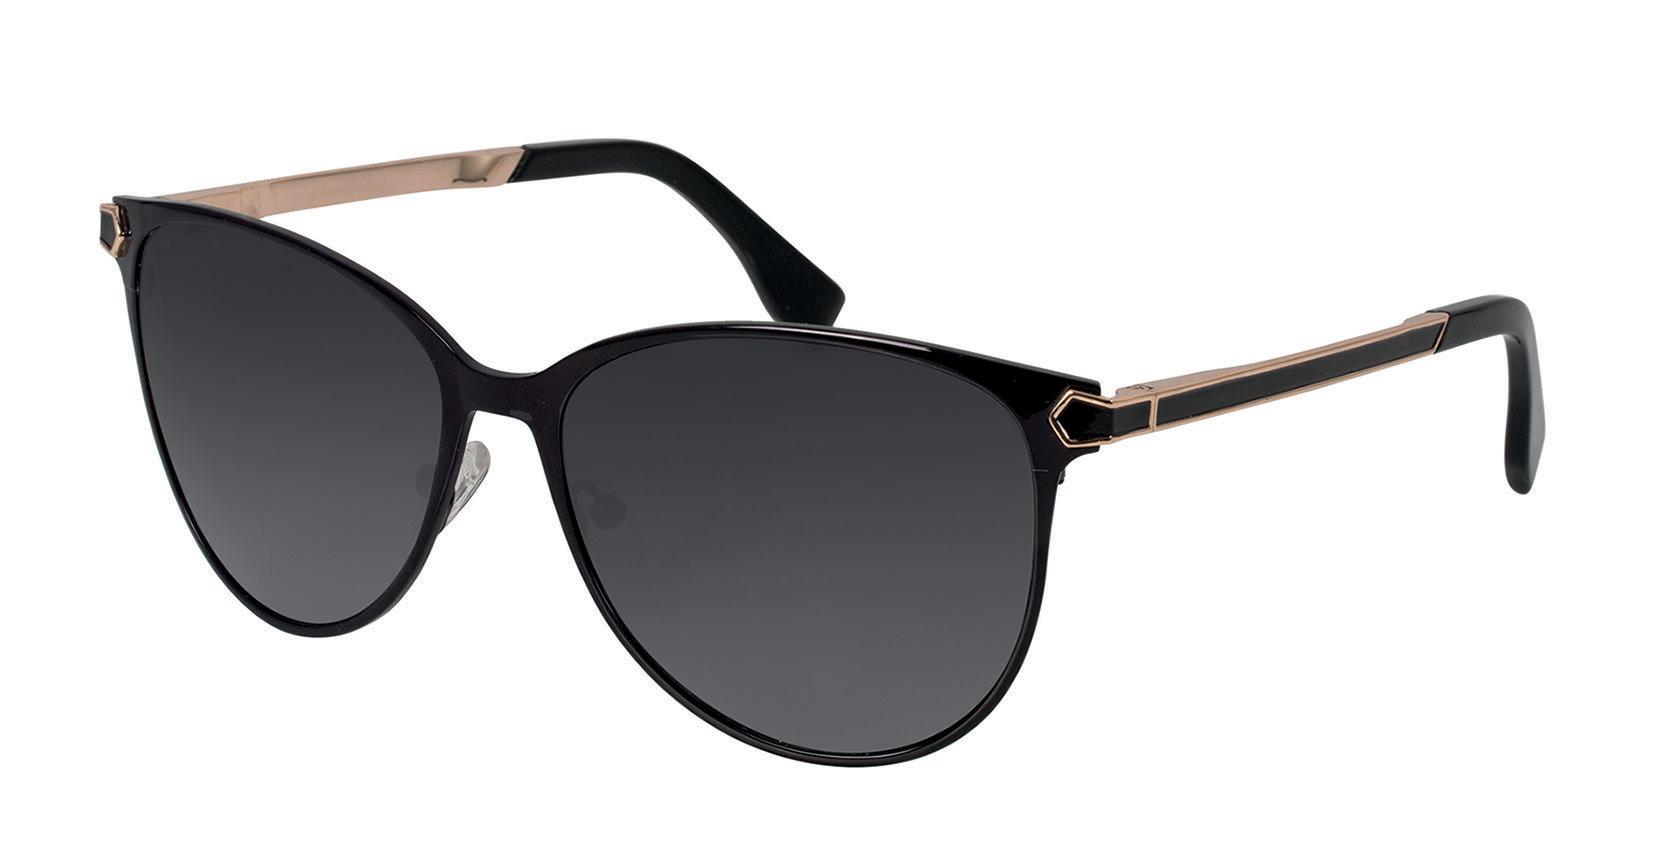 Lunettes de soleil en pharmacie : lunettes